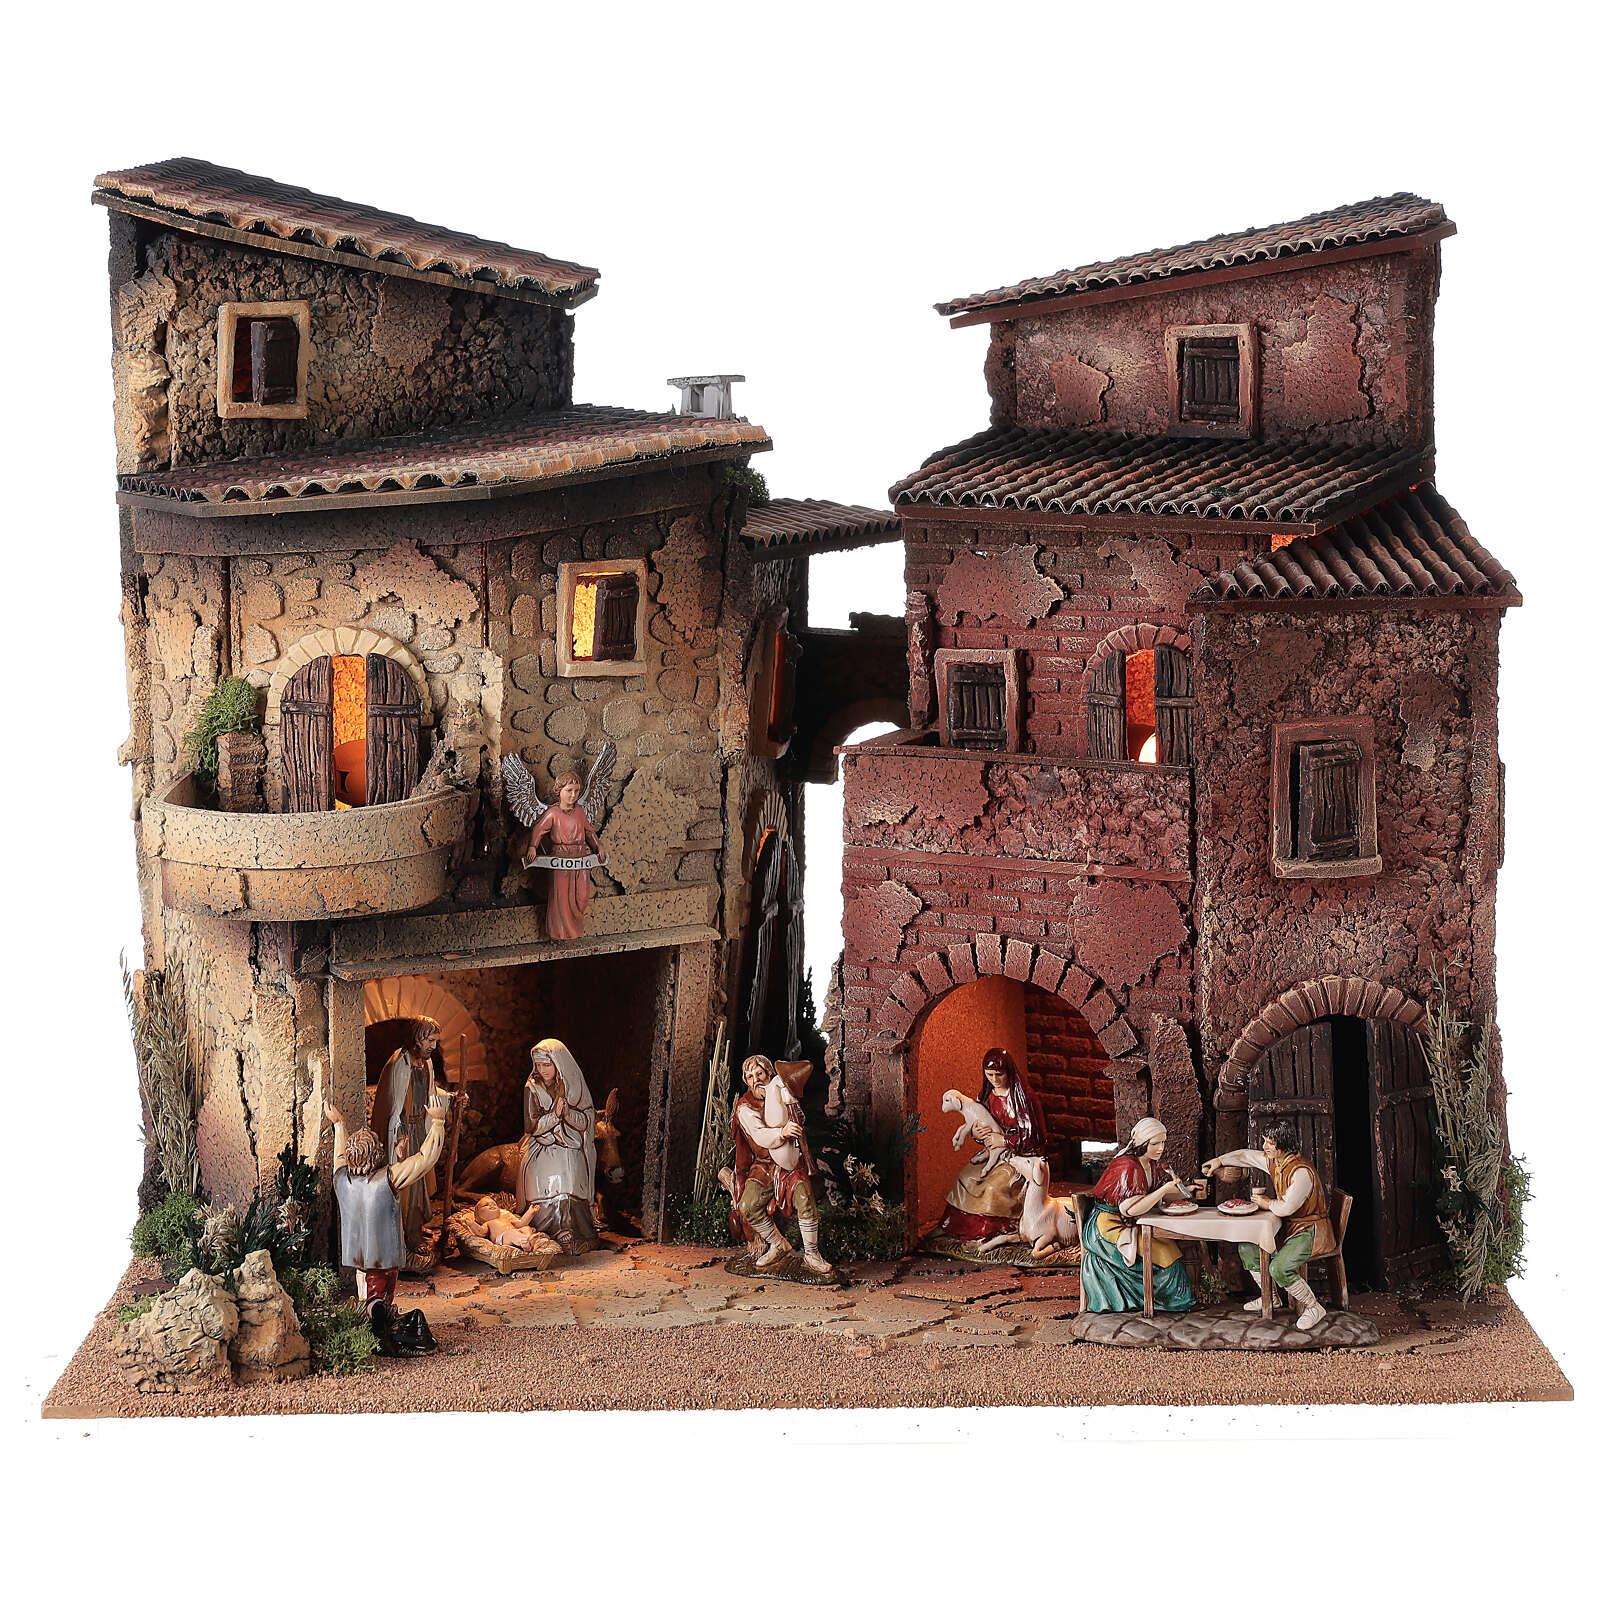 Borgo presepe completo arcata 40x50x40 statue 10 cm Moranduzzo 4